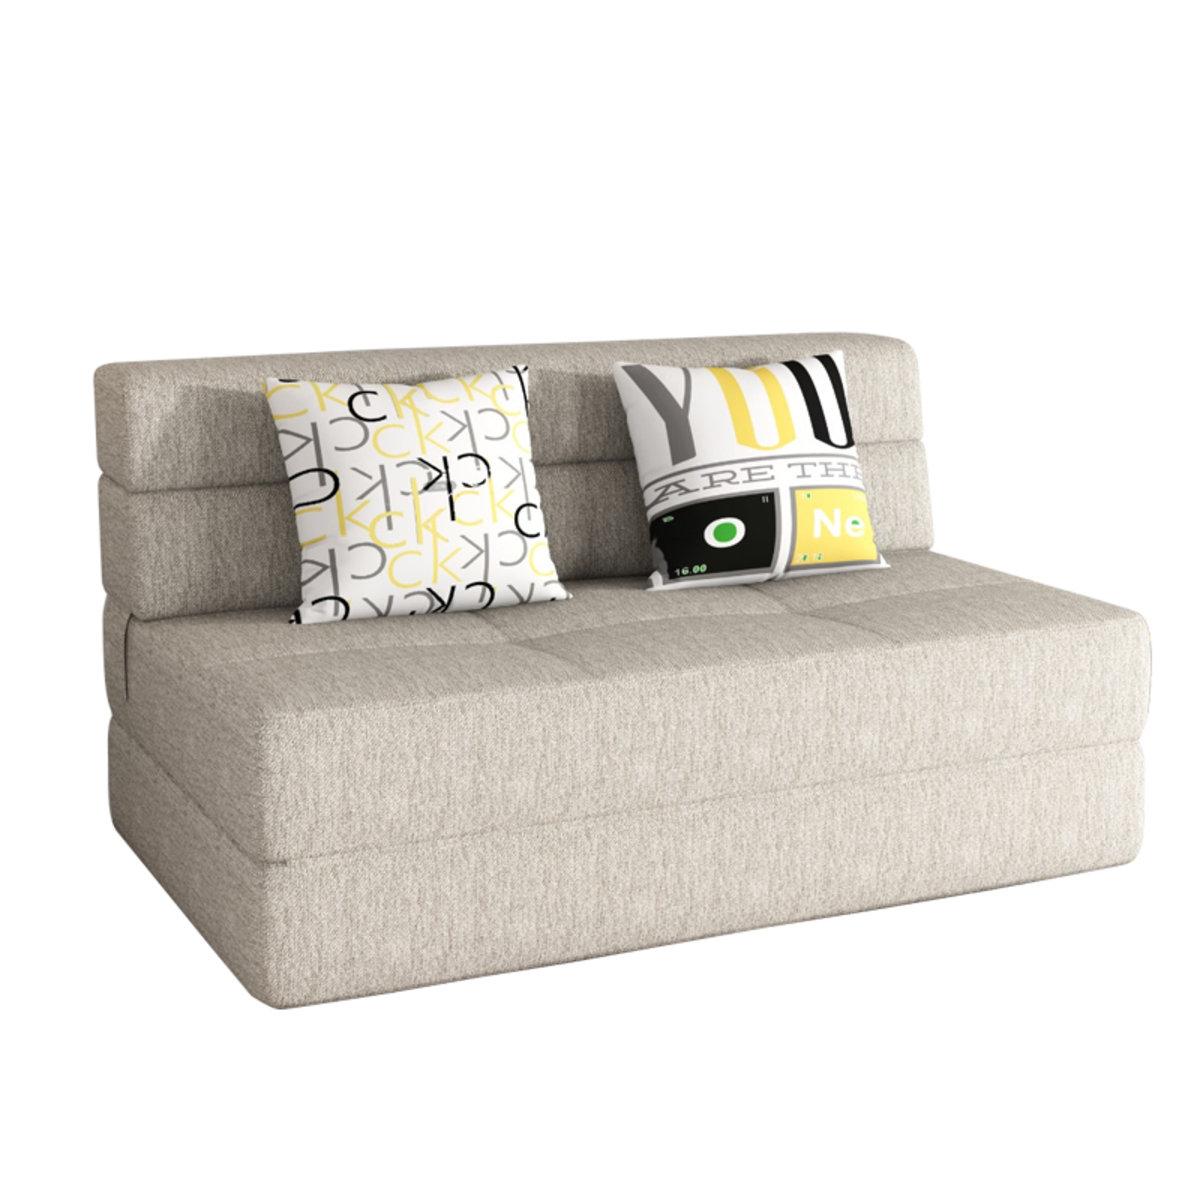 Erstaunlich Sofa 150 Cm Galerie Von Fabric Foldable Bed Ym002 Beige 150cm